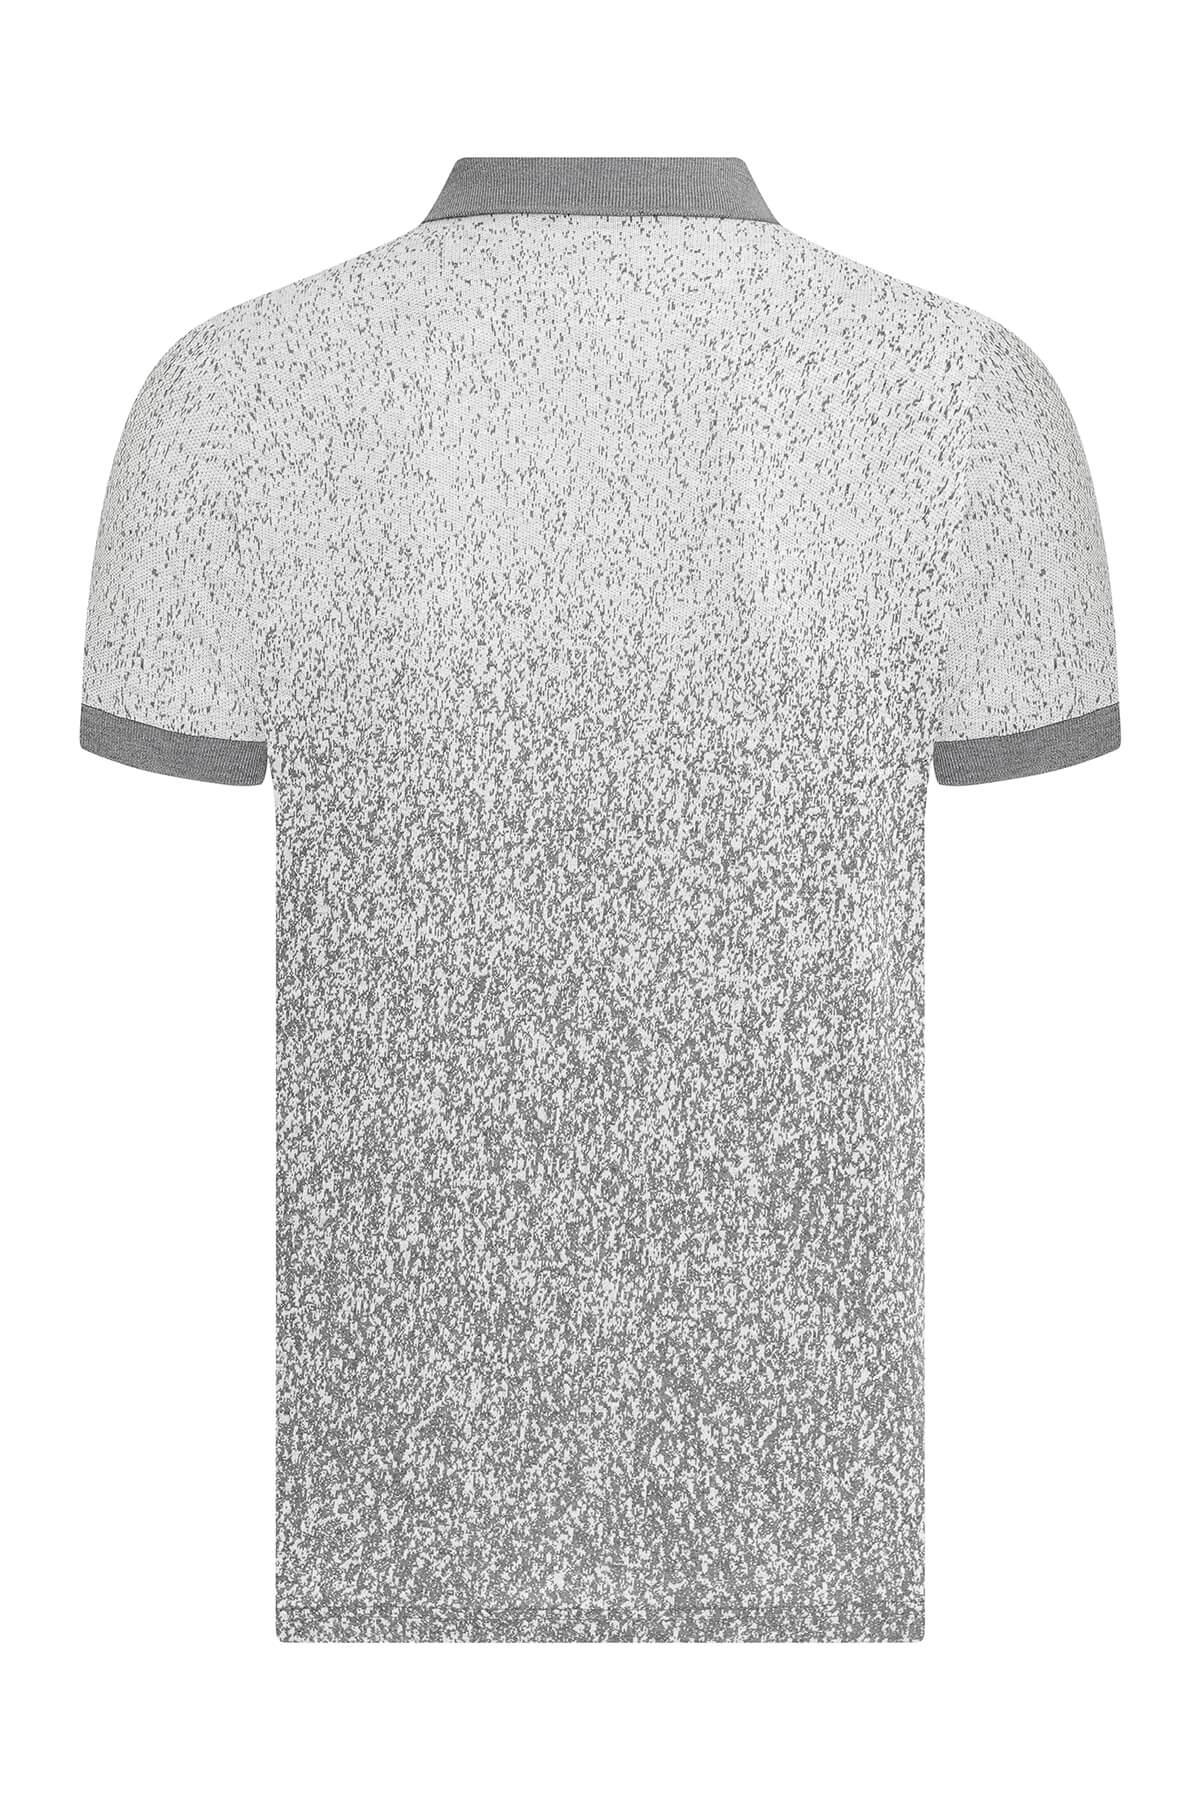 Gri Baskılı Beyaz Polo Yaka Tişört